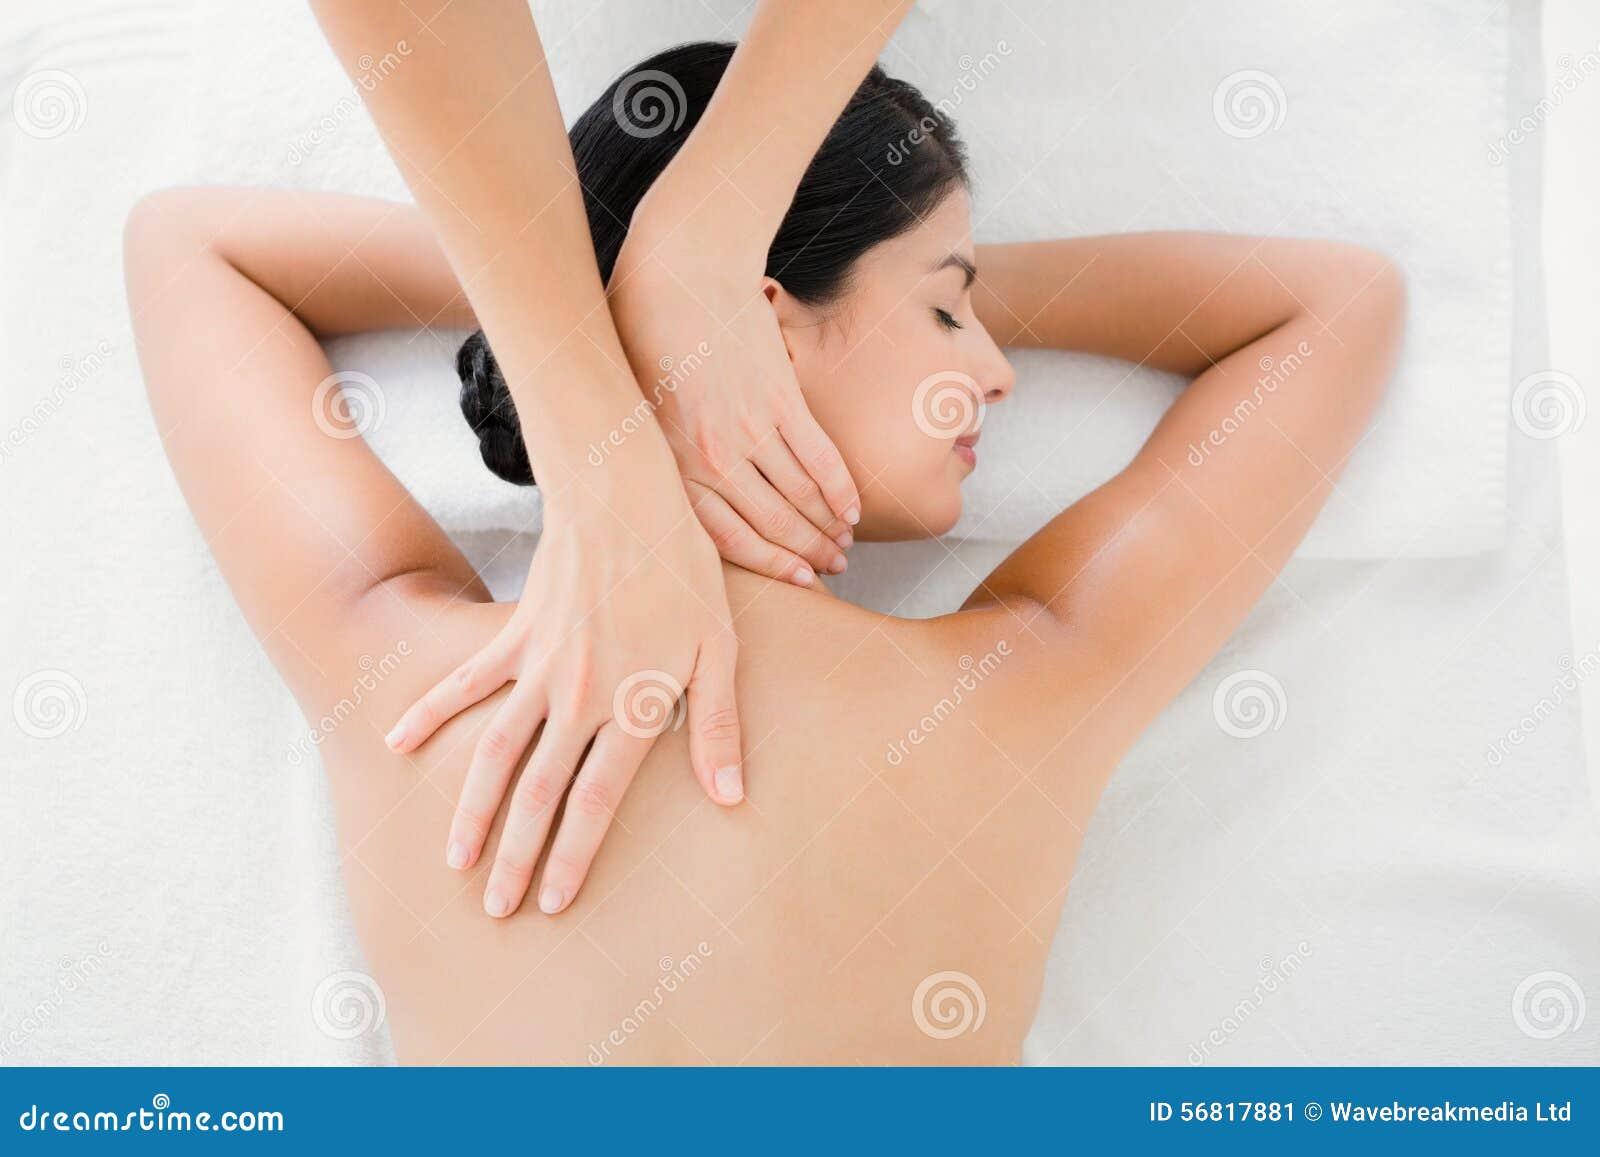 Tillbaka massage som mottar kvinnan